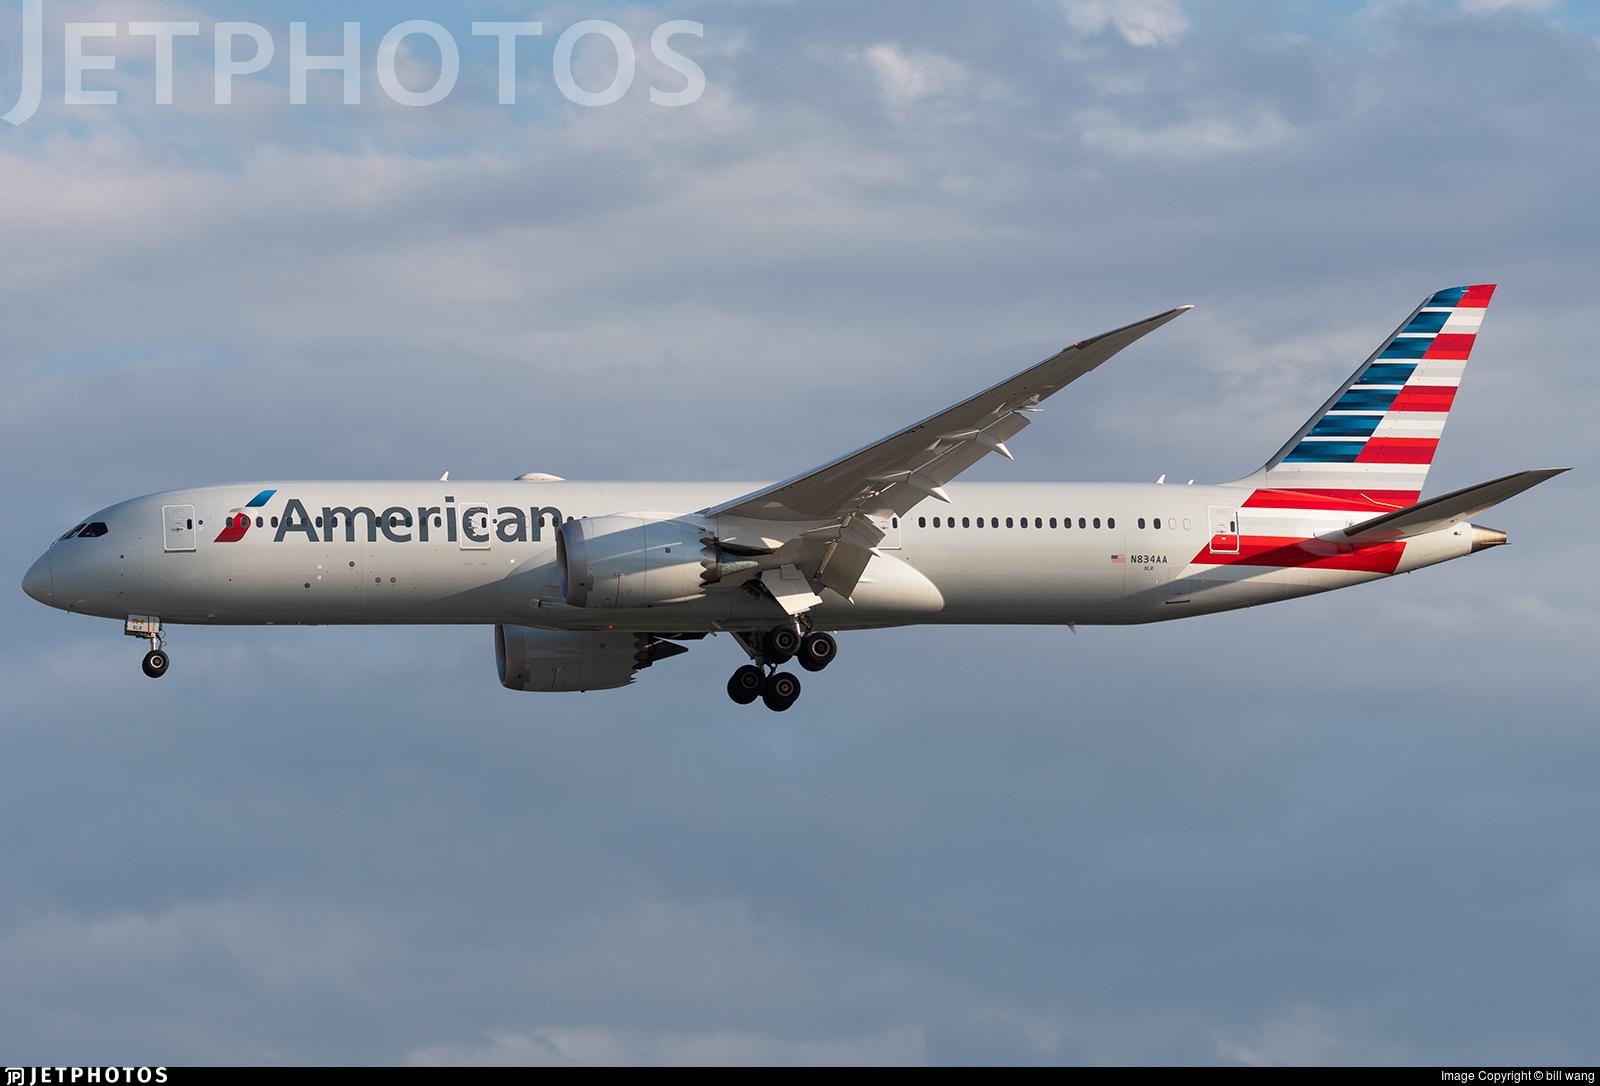 N834aa Boeing 787 9 Dreamliner American Airlines